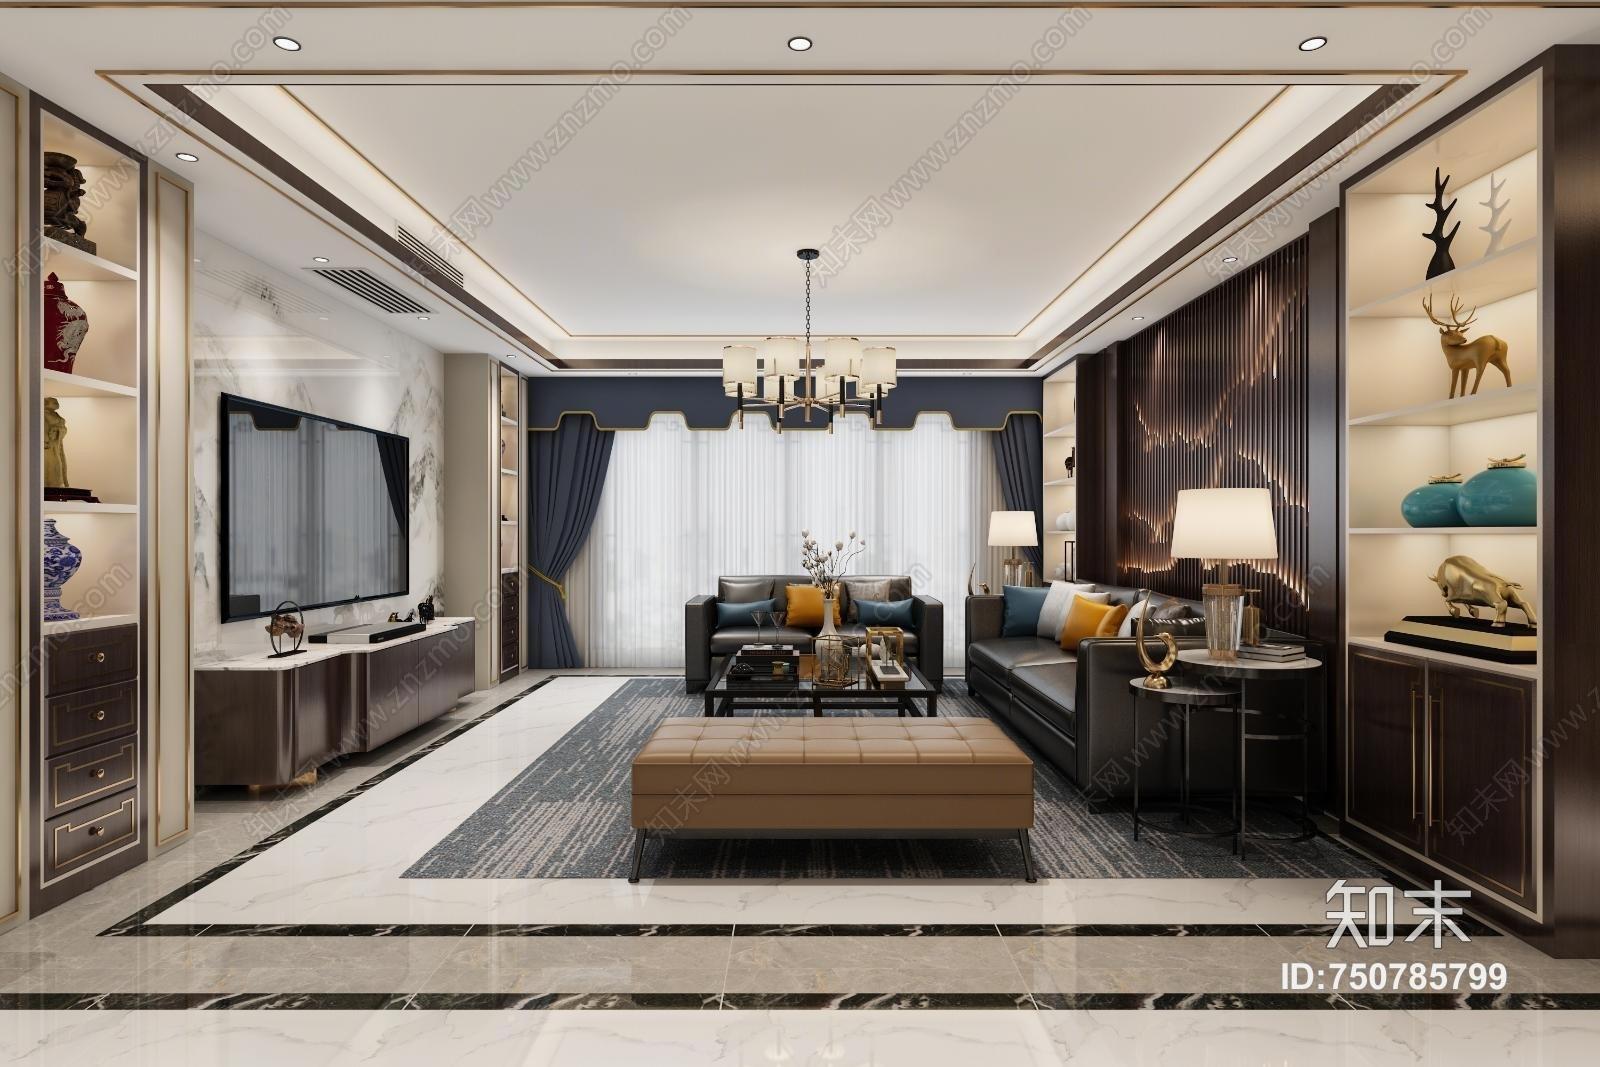 新中式客厅 沙发 餐桌